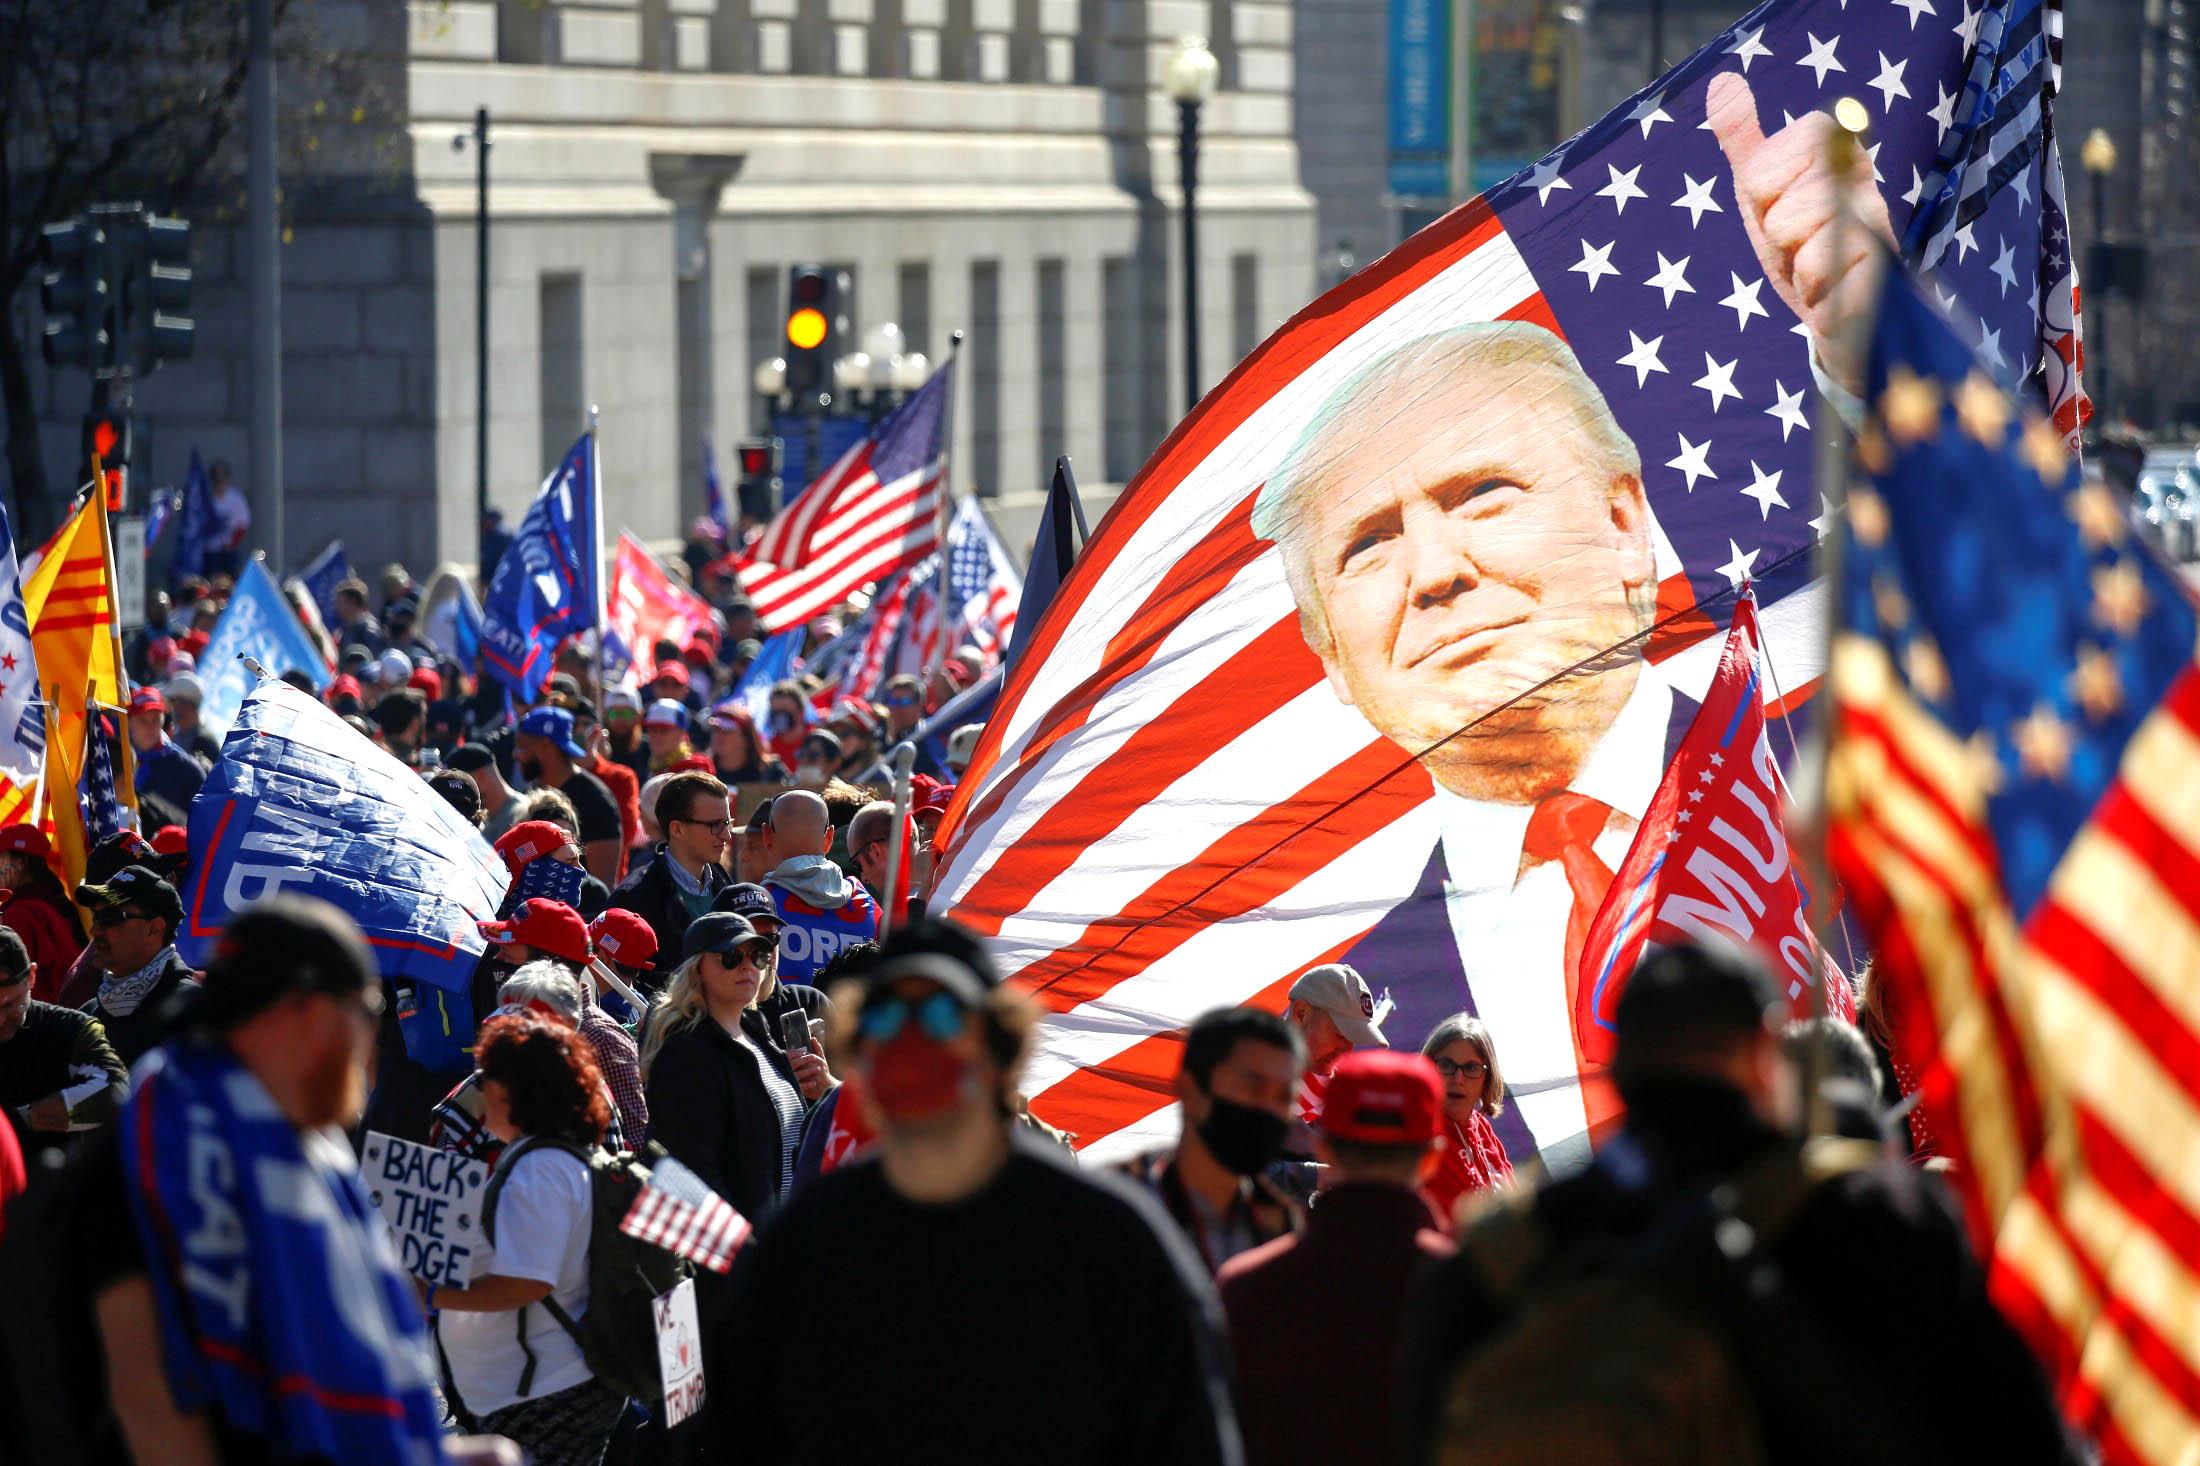 Trong mô tả của giới truyền thông, những người vì kêu gọi chính nghĩa đã trở thành những phần tử tiềm ẩn sự nguy hiểm, trong khi những tên ra tay đánh người ủng hộ TT Trump đến vỡ đầu chảy máu lại không hề được nhắc đến